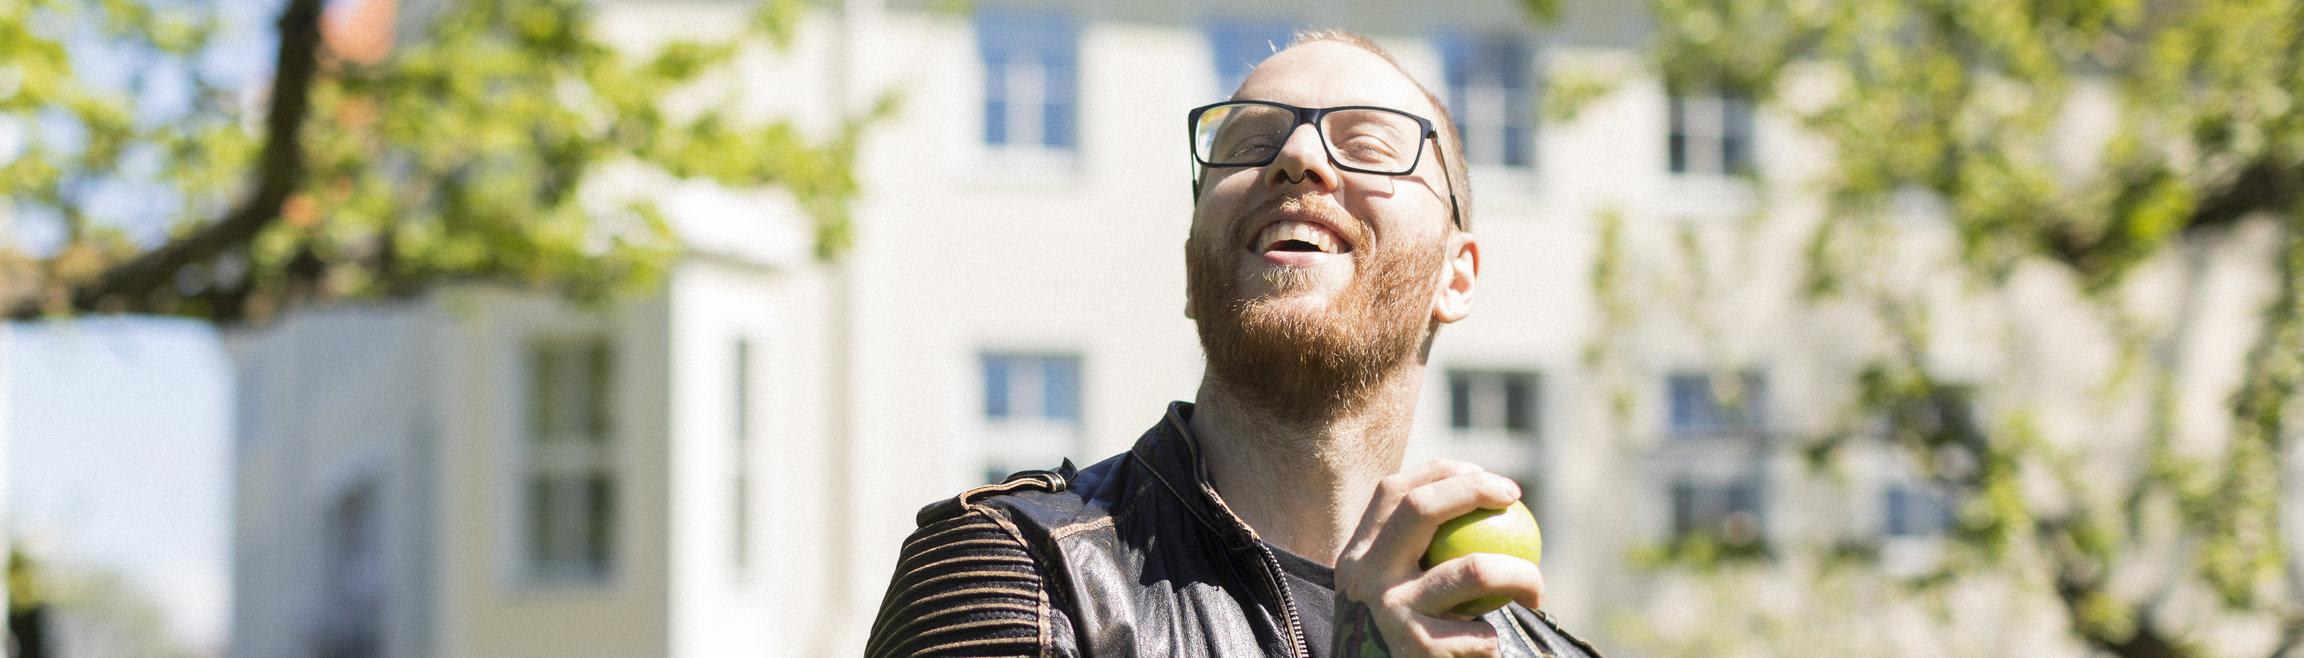 Kille i park med äpple i handen.